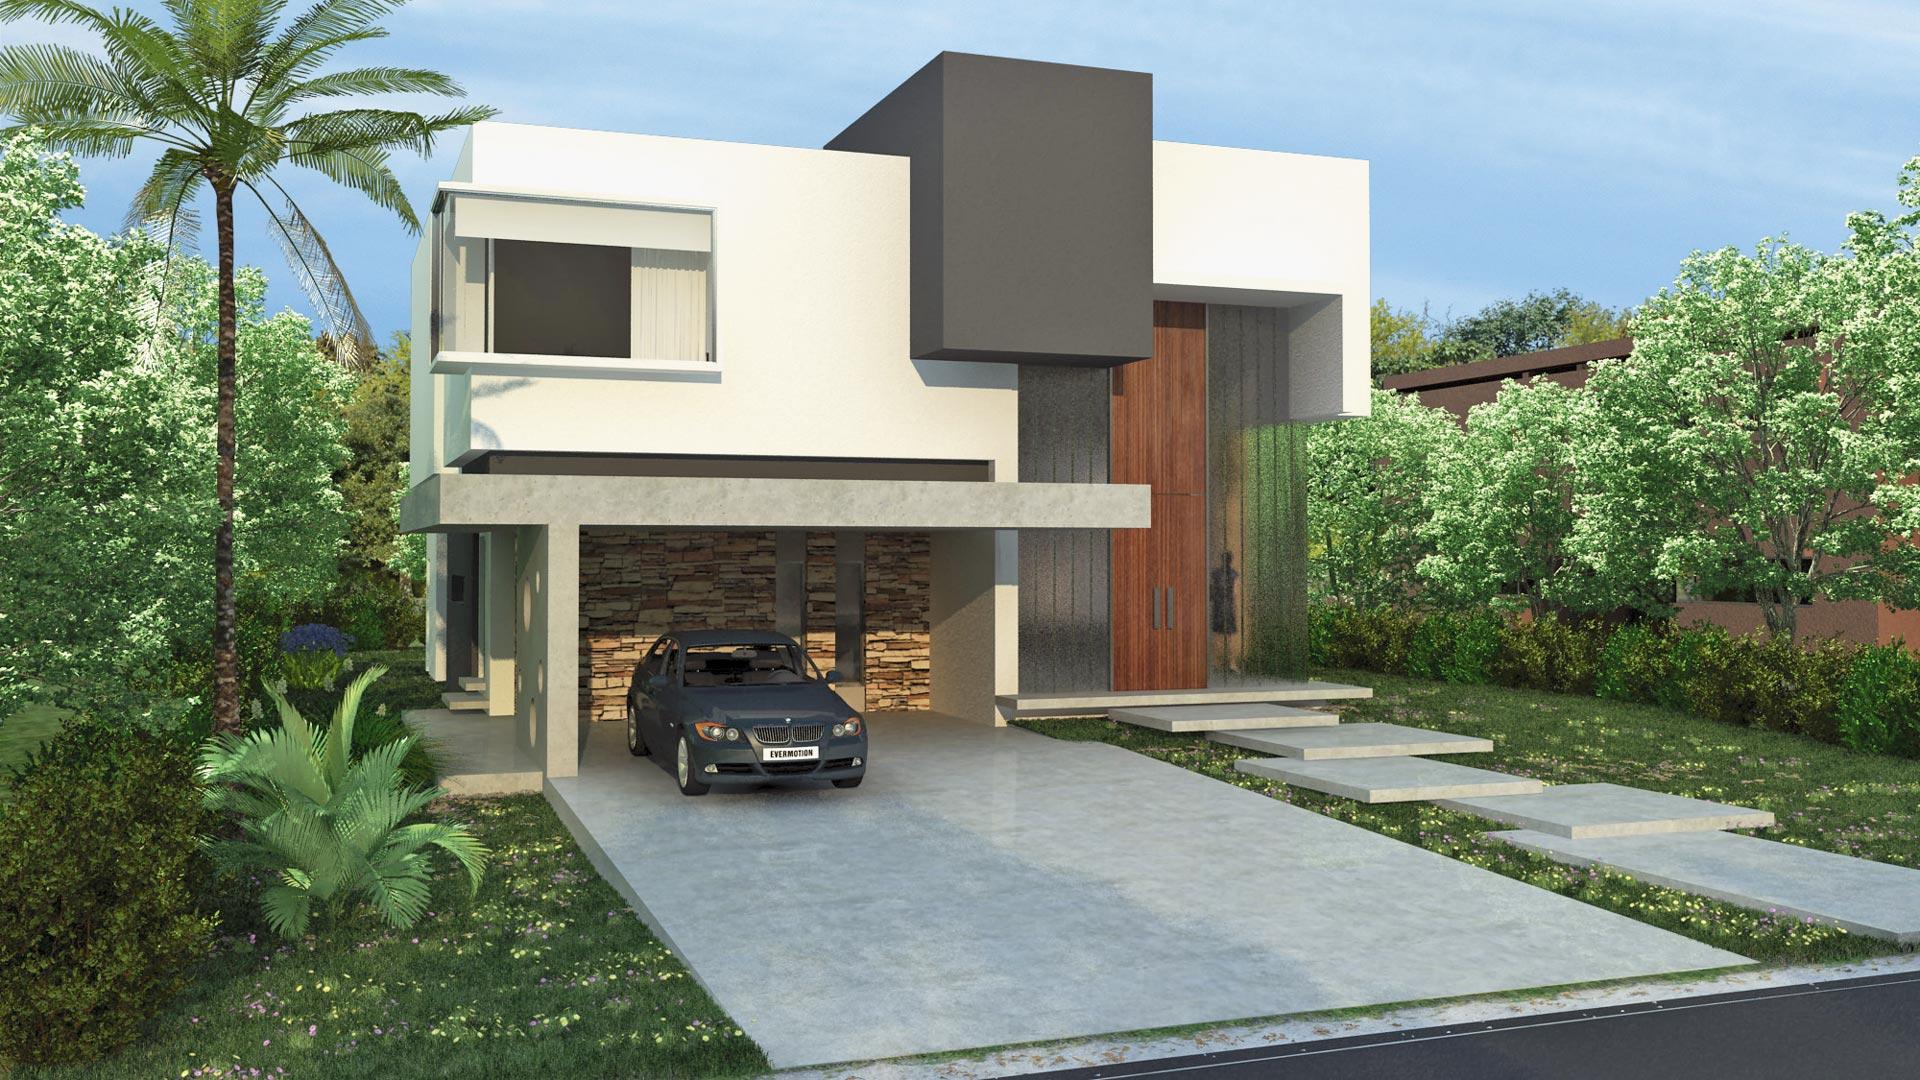 Estudio a r arquitectos casa sl racionalista portal - Estudio 3 arquitectos ...